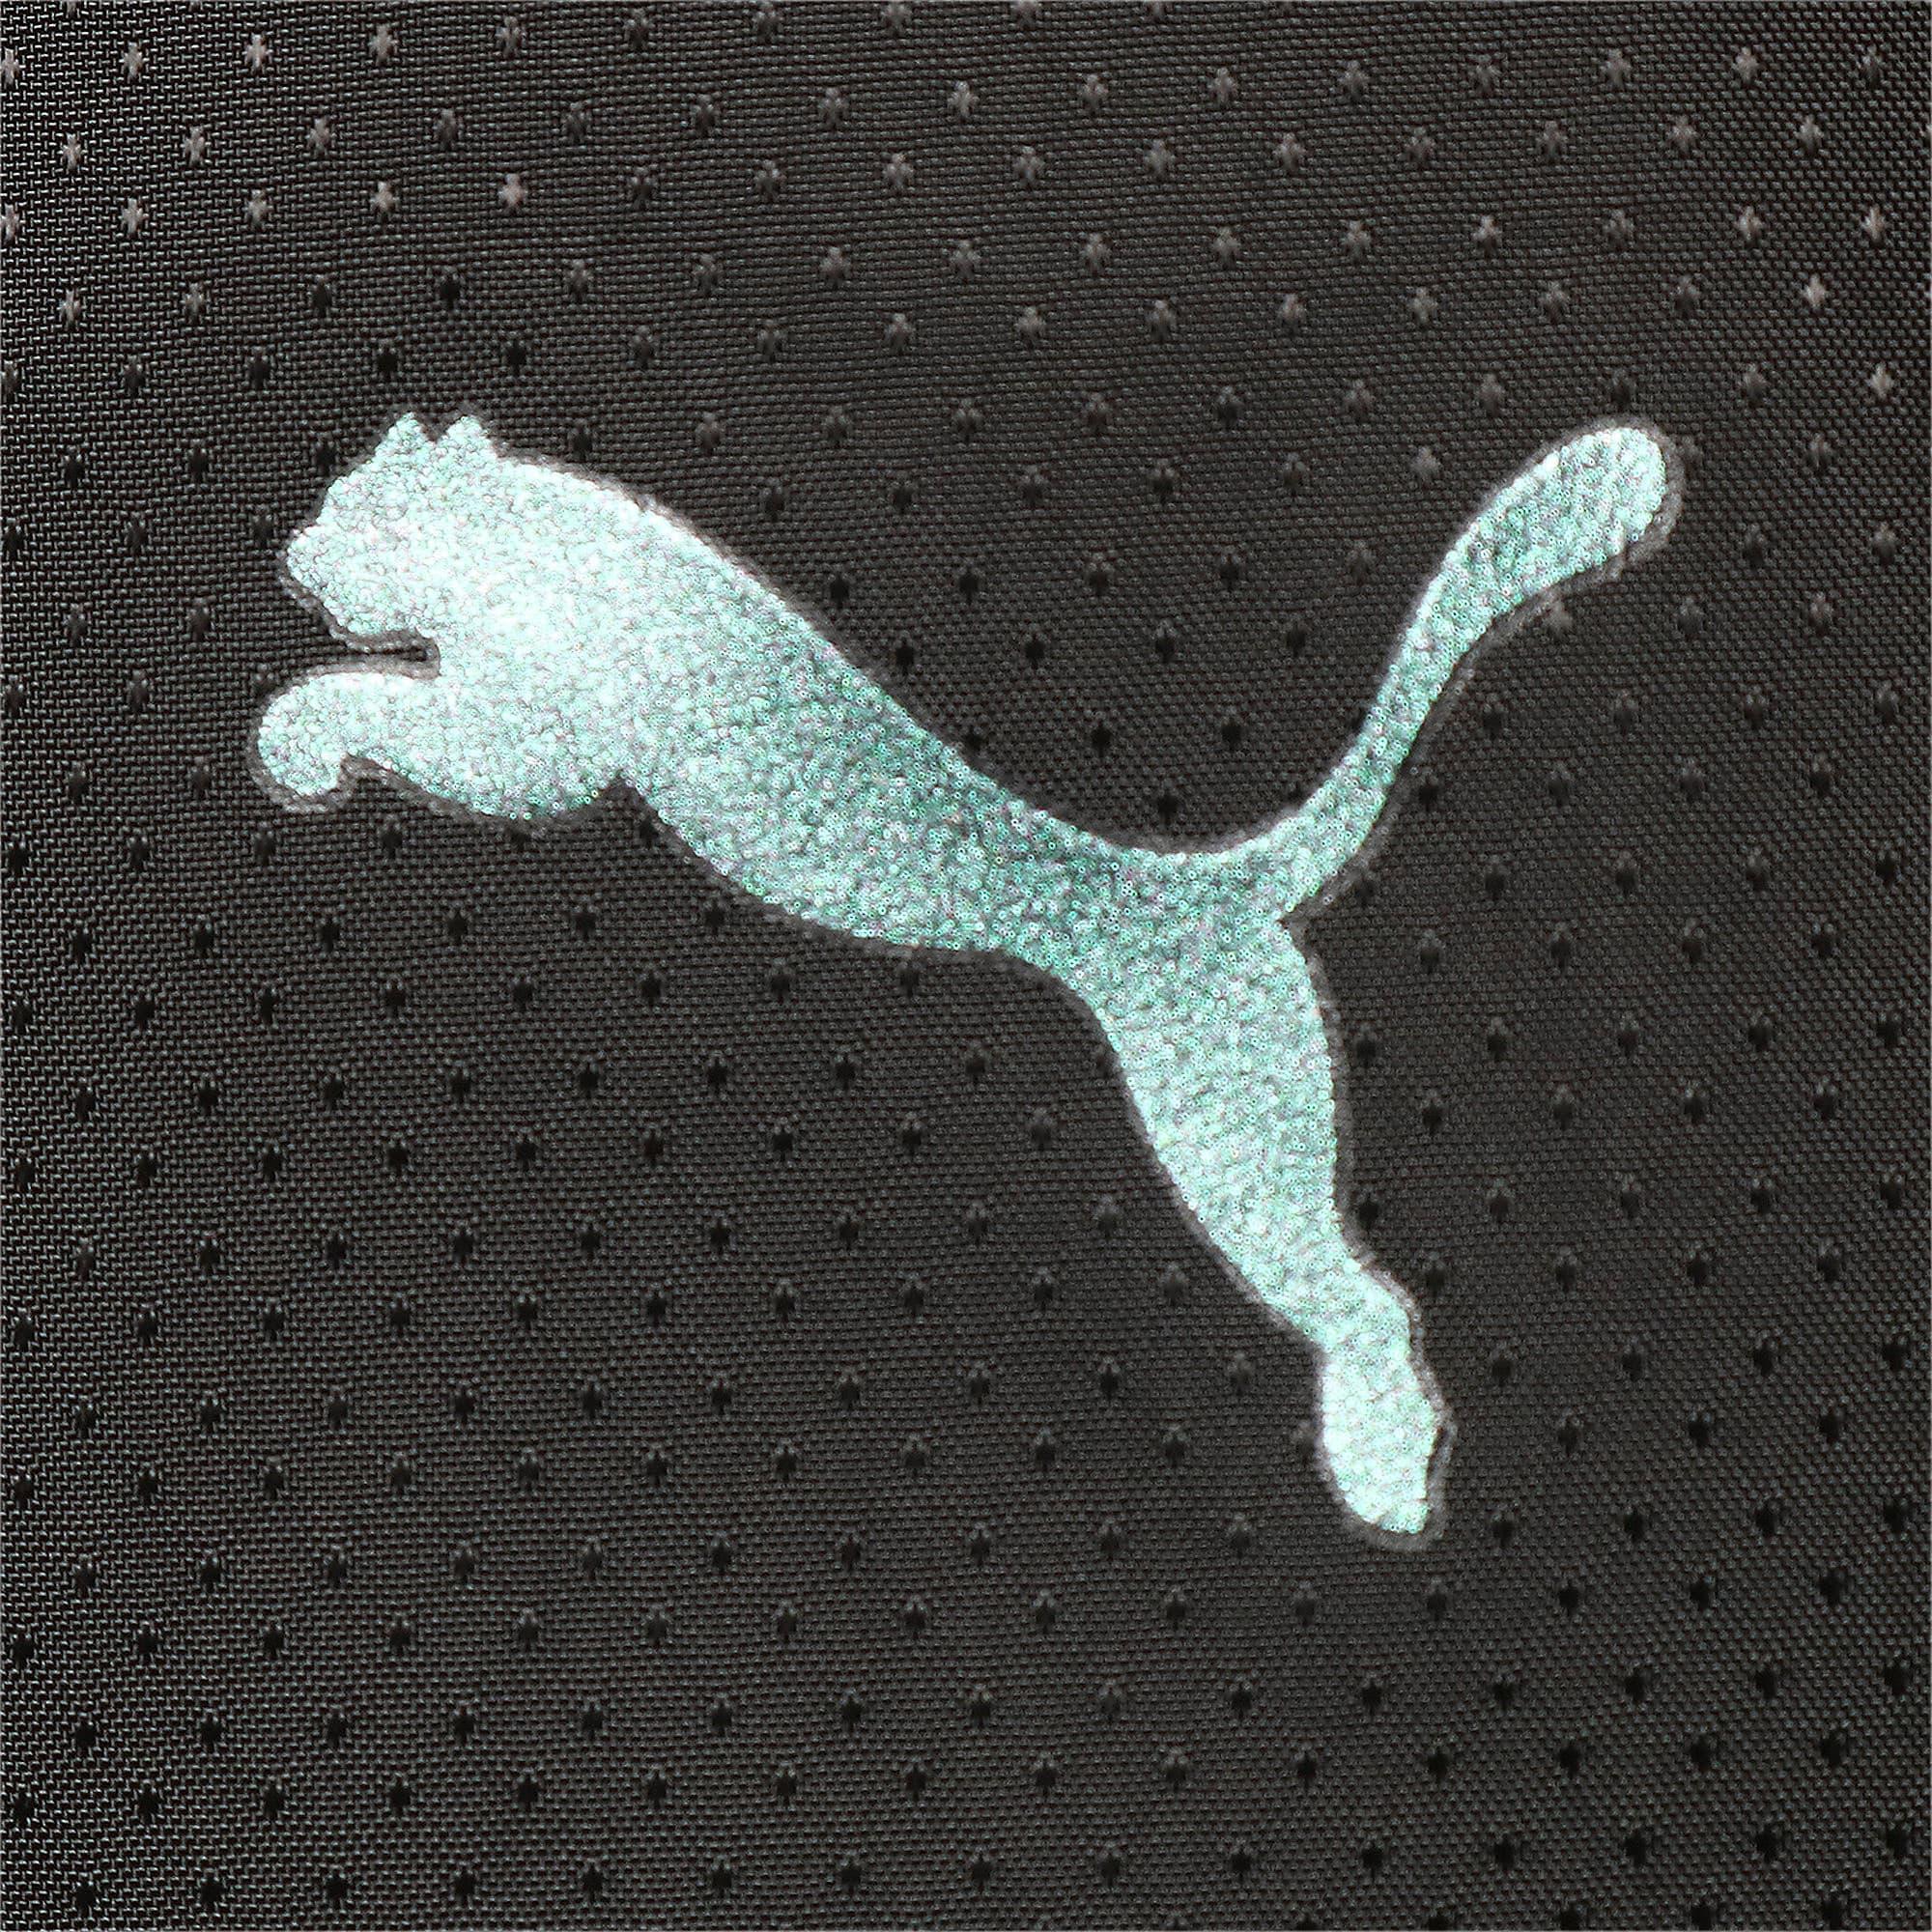 Thumbnail 4 of フィール イット ウィメンズ トレーニング トリコットライニング ウーブンパンツ, Puma Black, medium-JPN